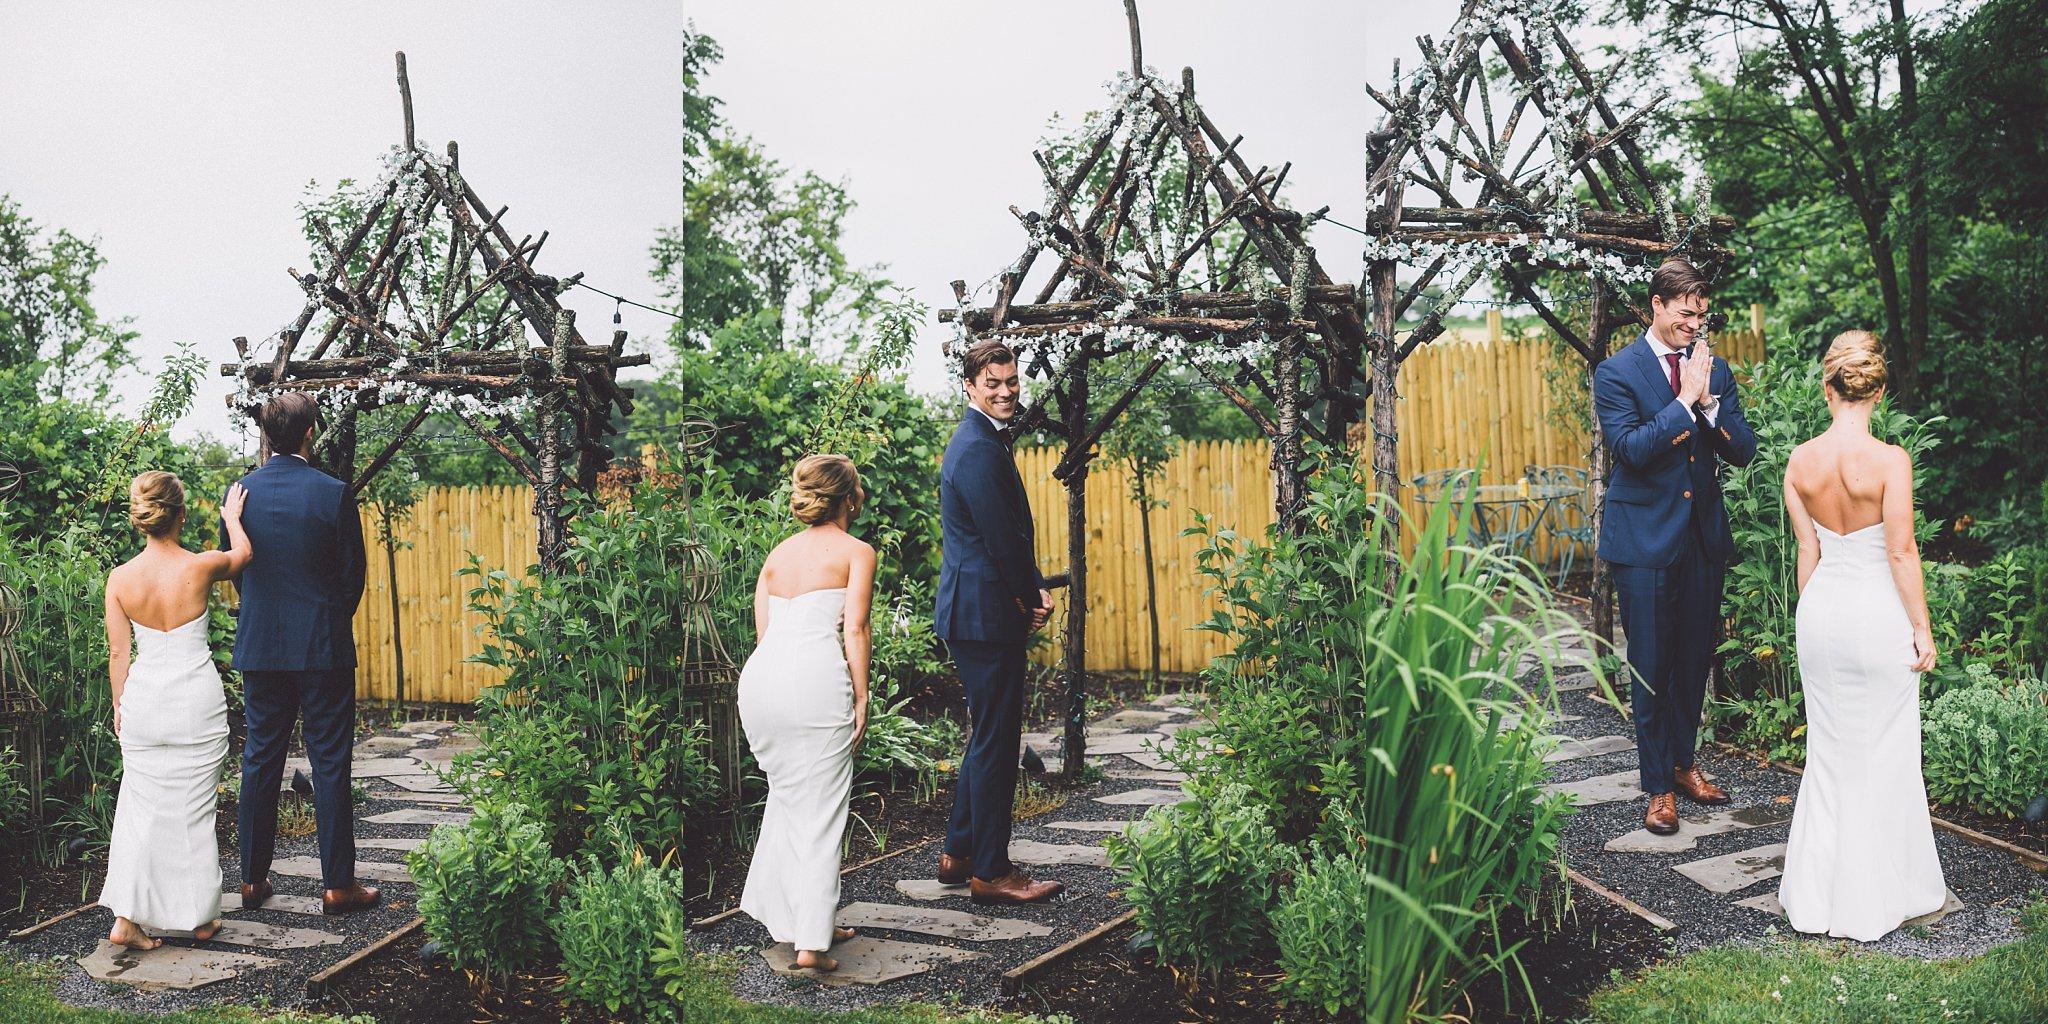 finger lakes wedding photography larkin and trevor_0161.jpg